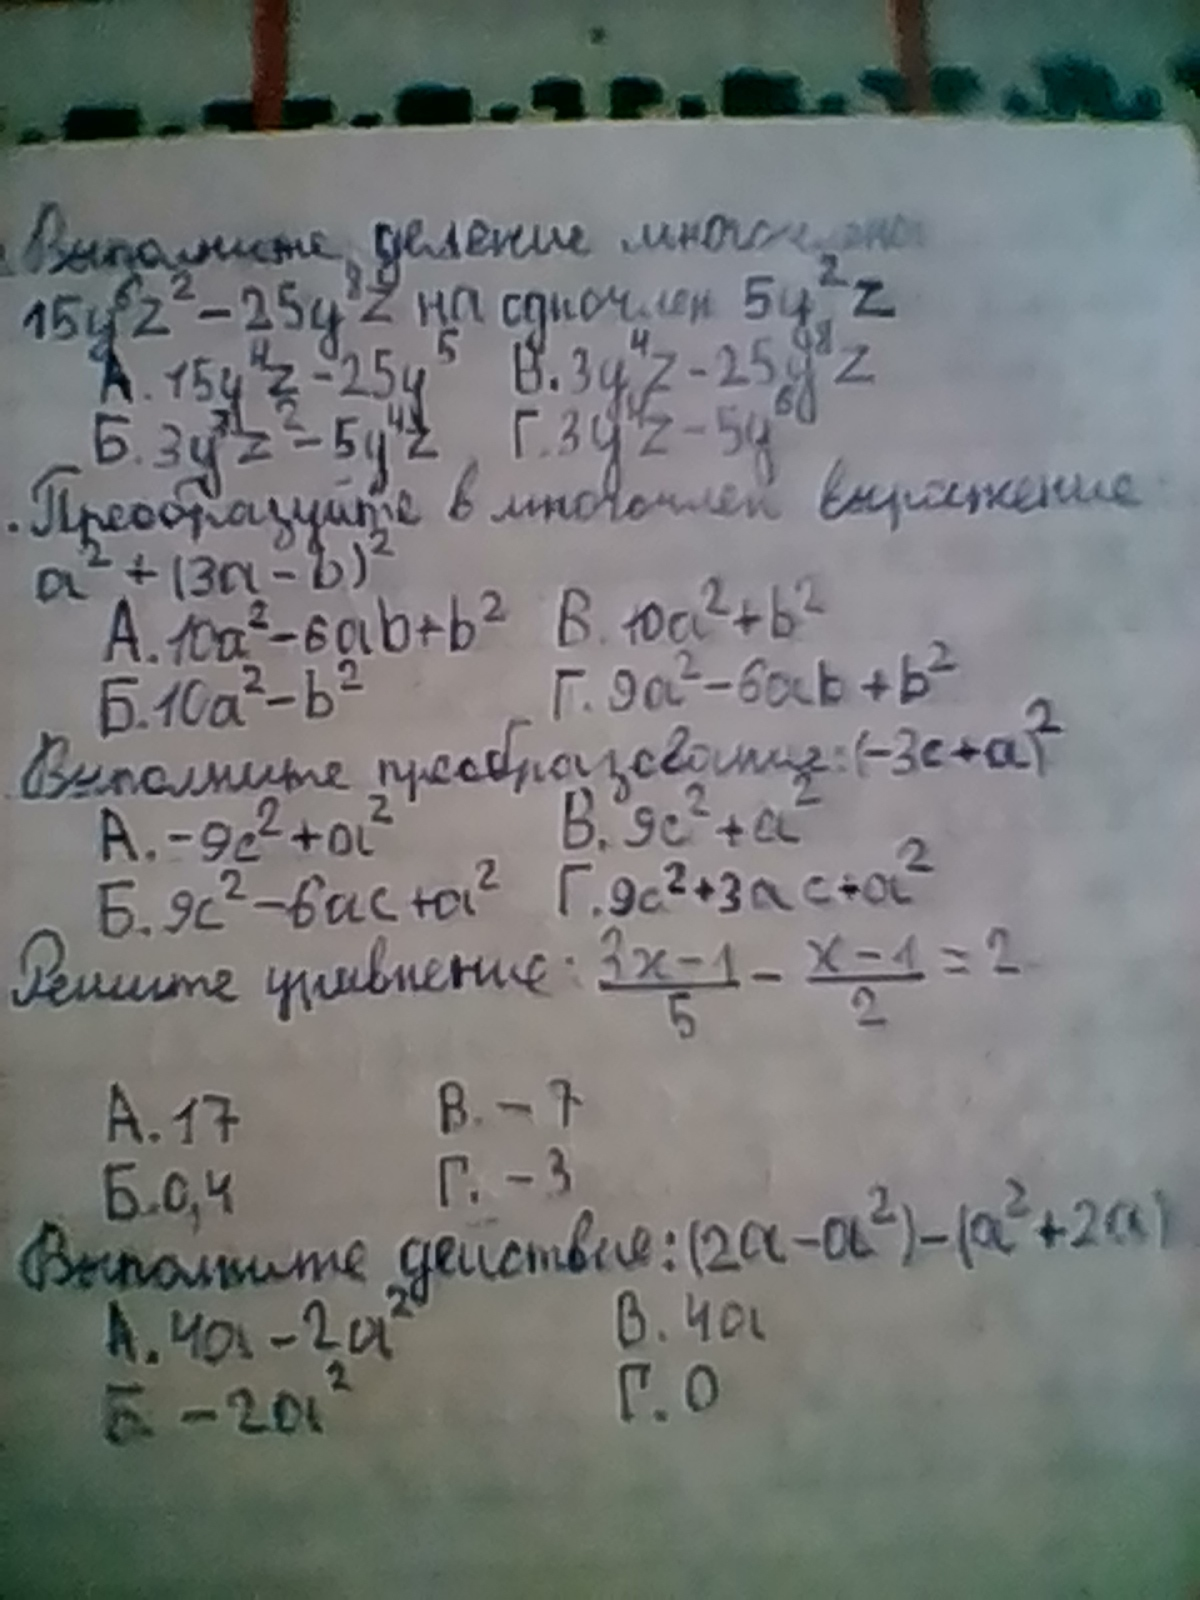 Помогите пожалуйста решить алгебру?